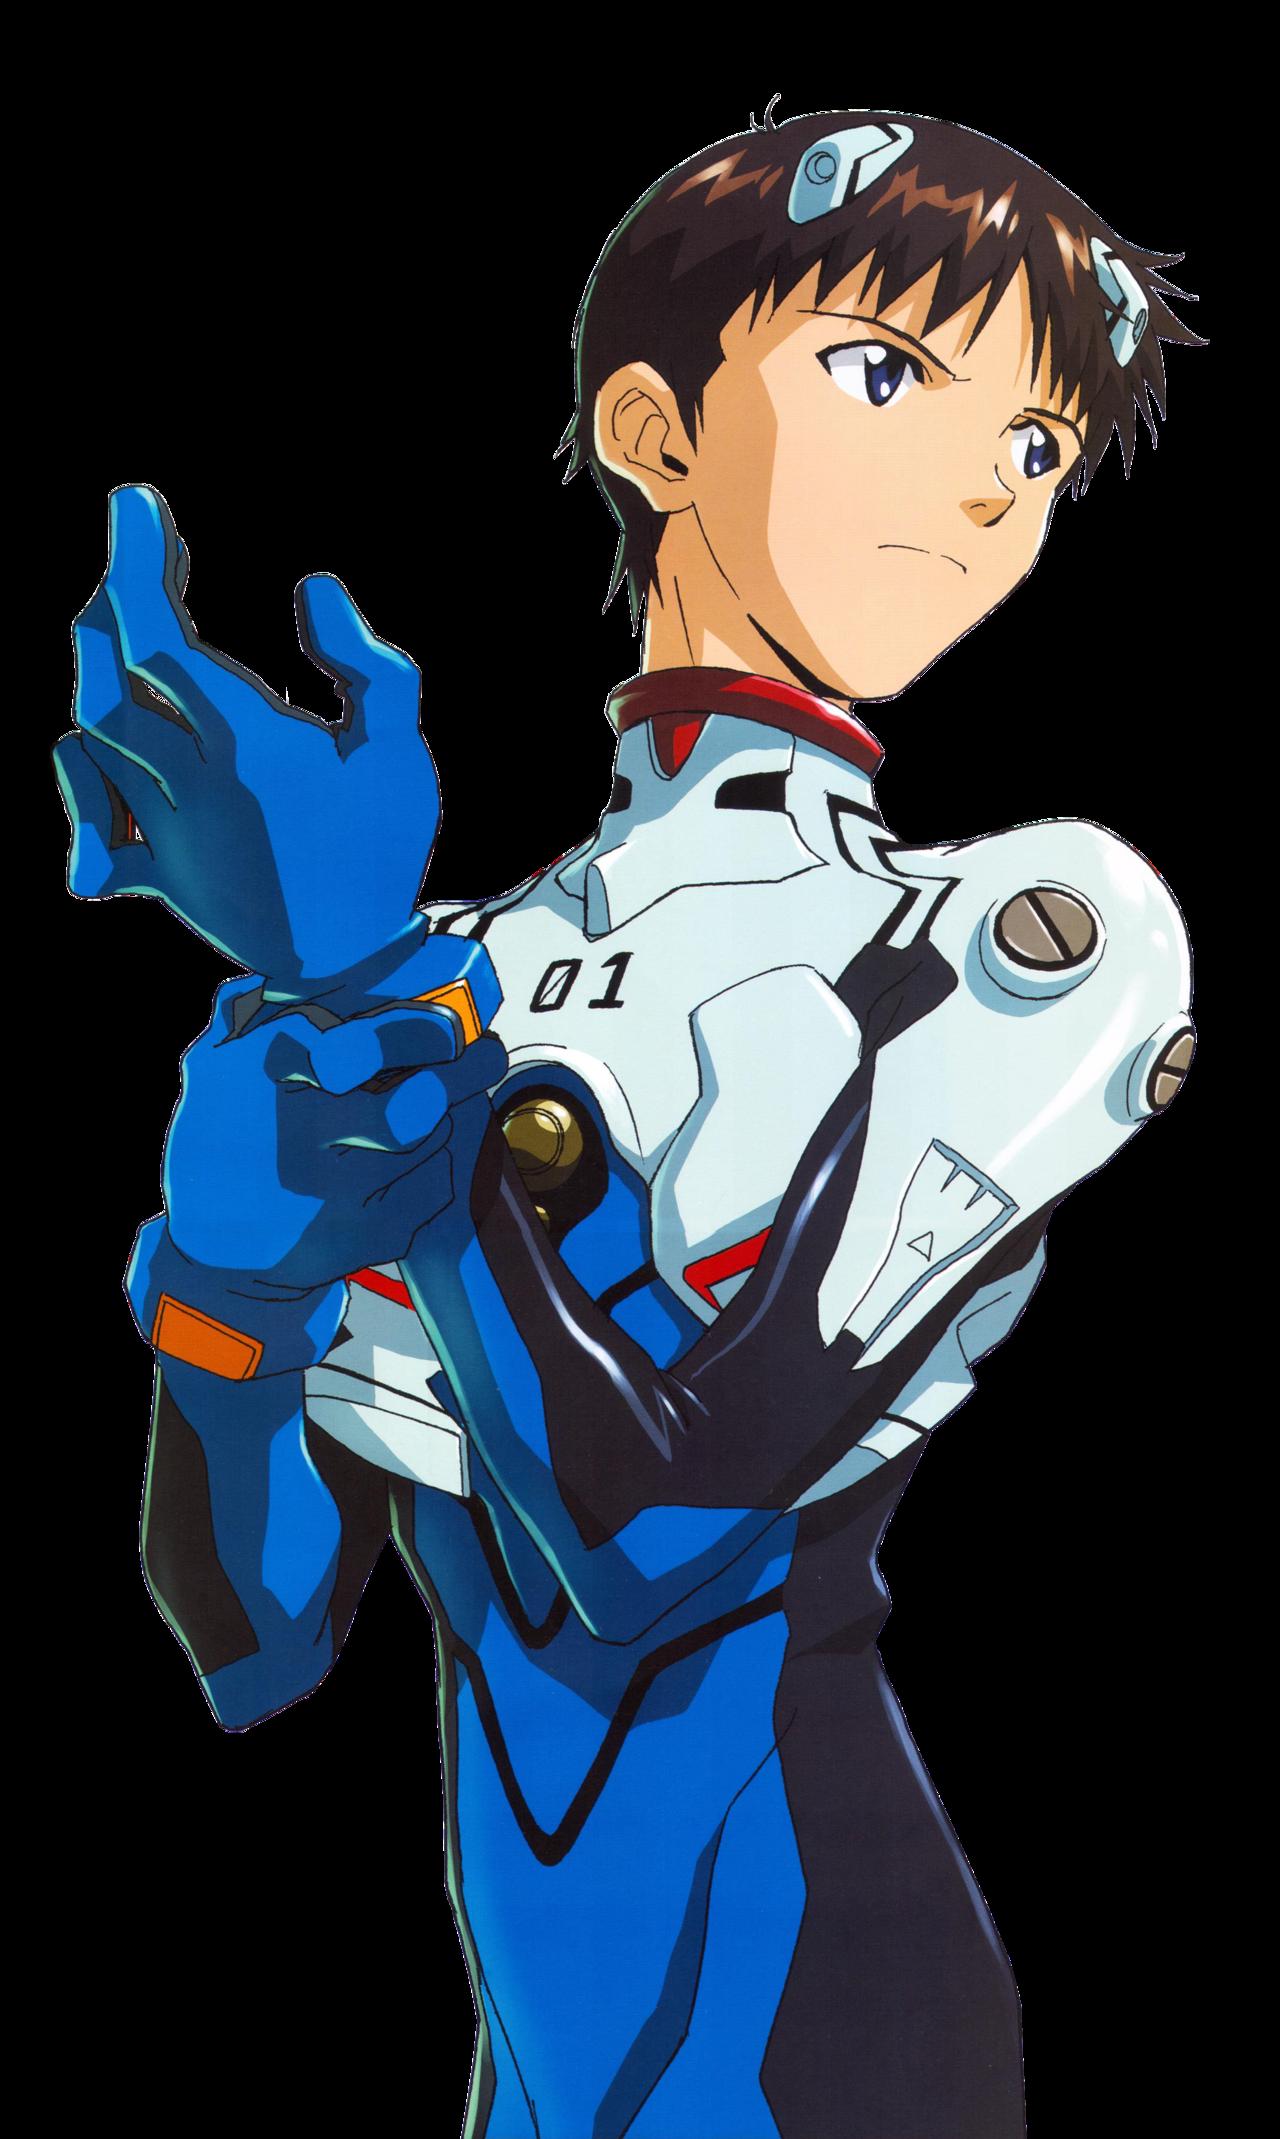 Shinji Ikari Render By Justrainbowf D606pmi Png 1280 2139 Neon Evangelion Evangelion Neon Genesis Evangelion